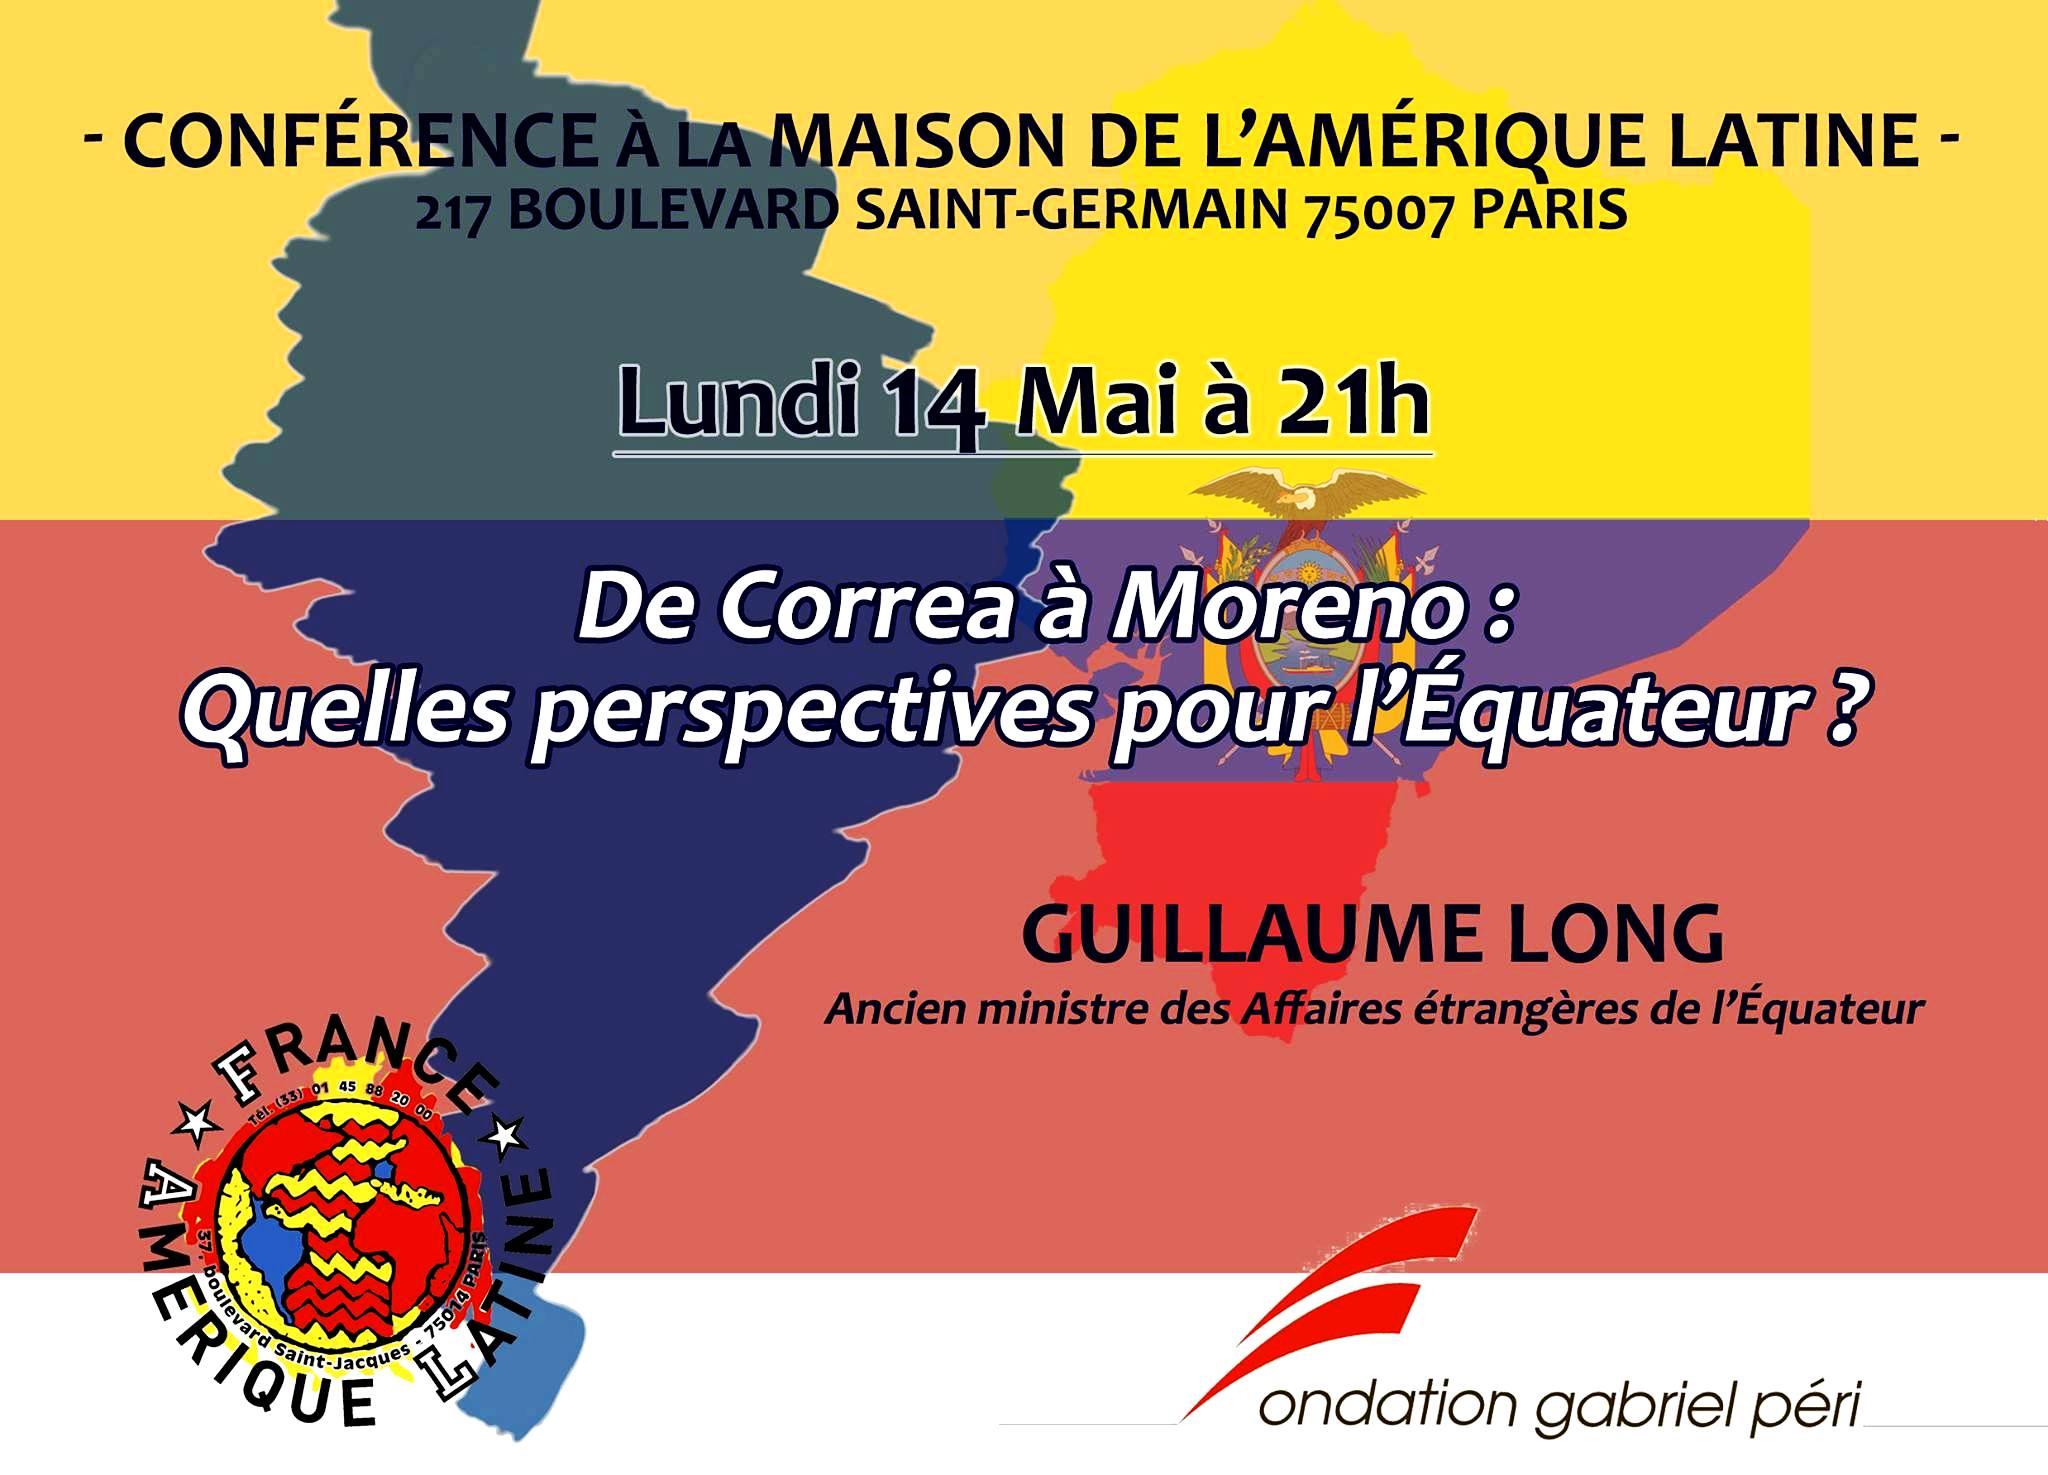 Conférence lundi 14 mai à 21h à la Maison de l'Amérique Latine. De Correa à Moreno: quelles perspectives pour l'Équateur?